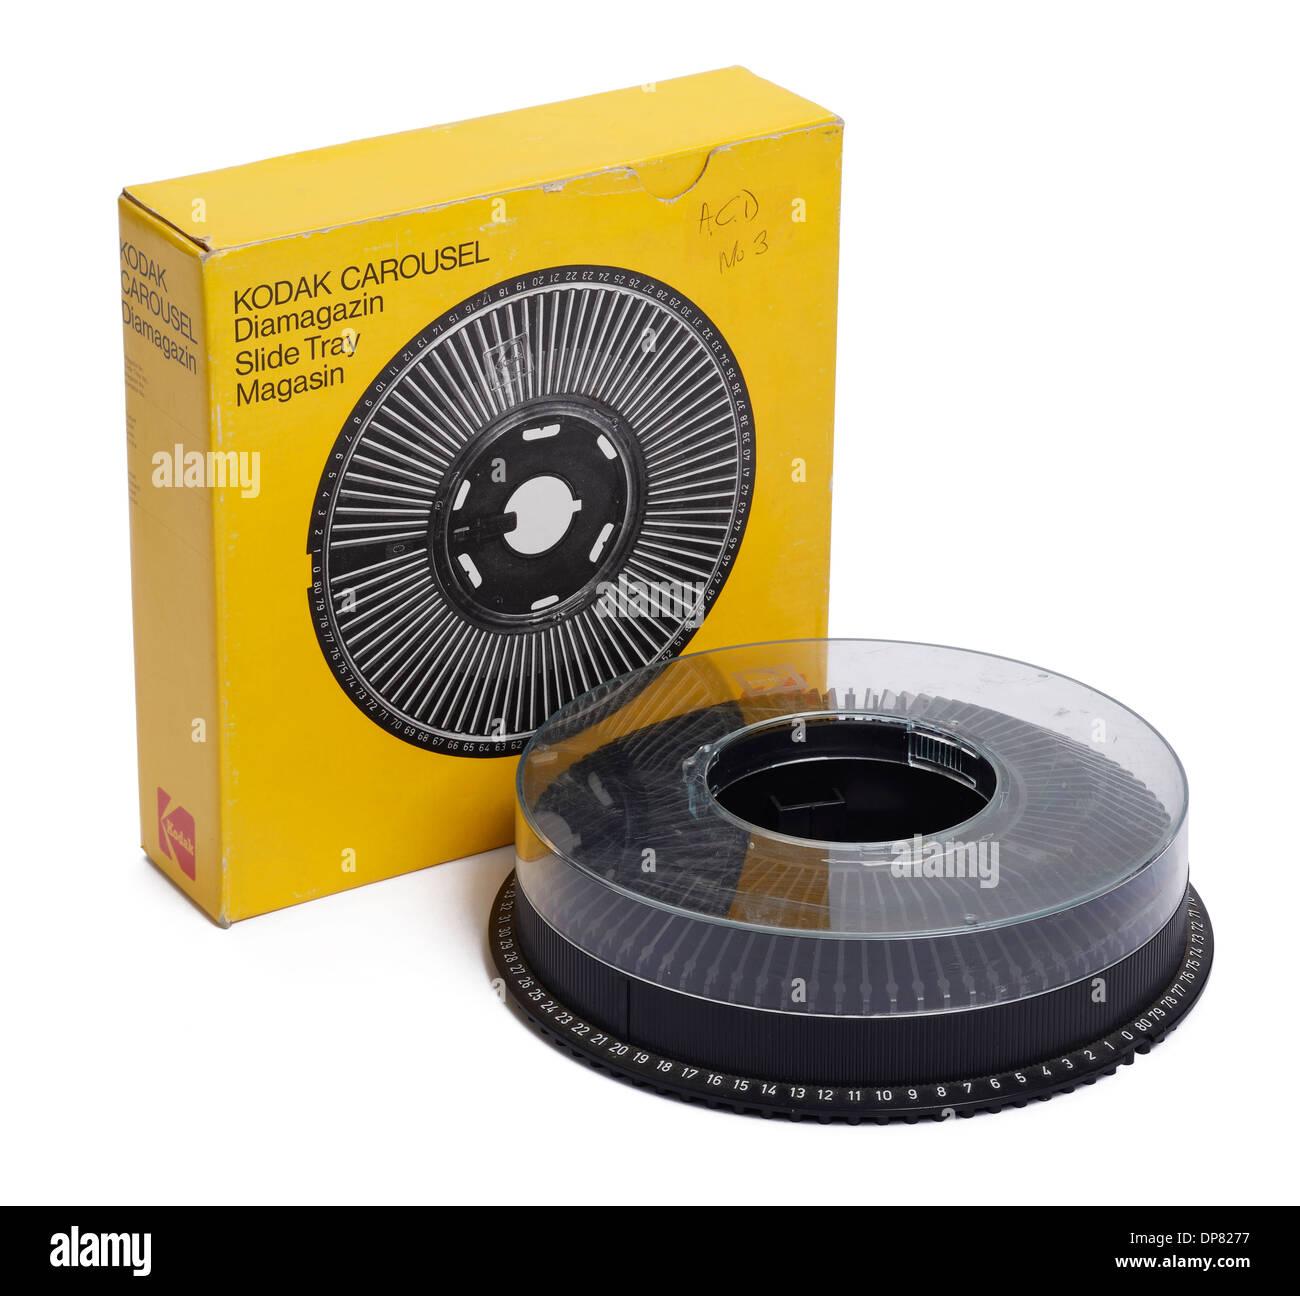 Carousel Kodak plateau circulaire et fort pour un projecteur de diapositives Photo Stock